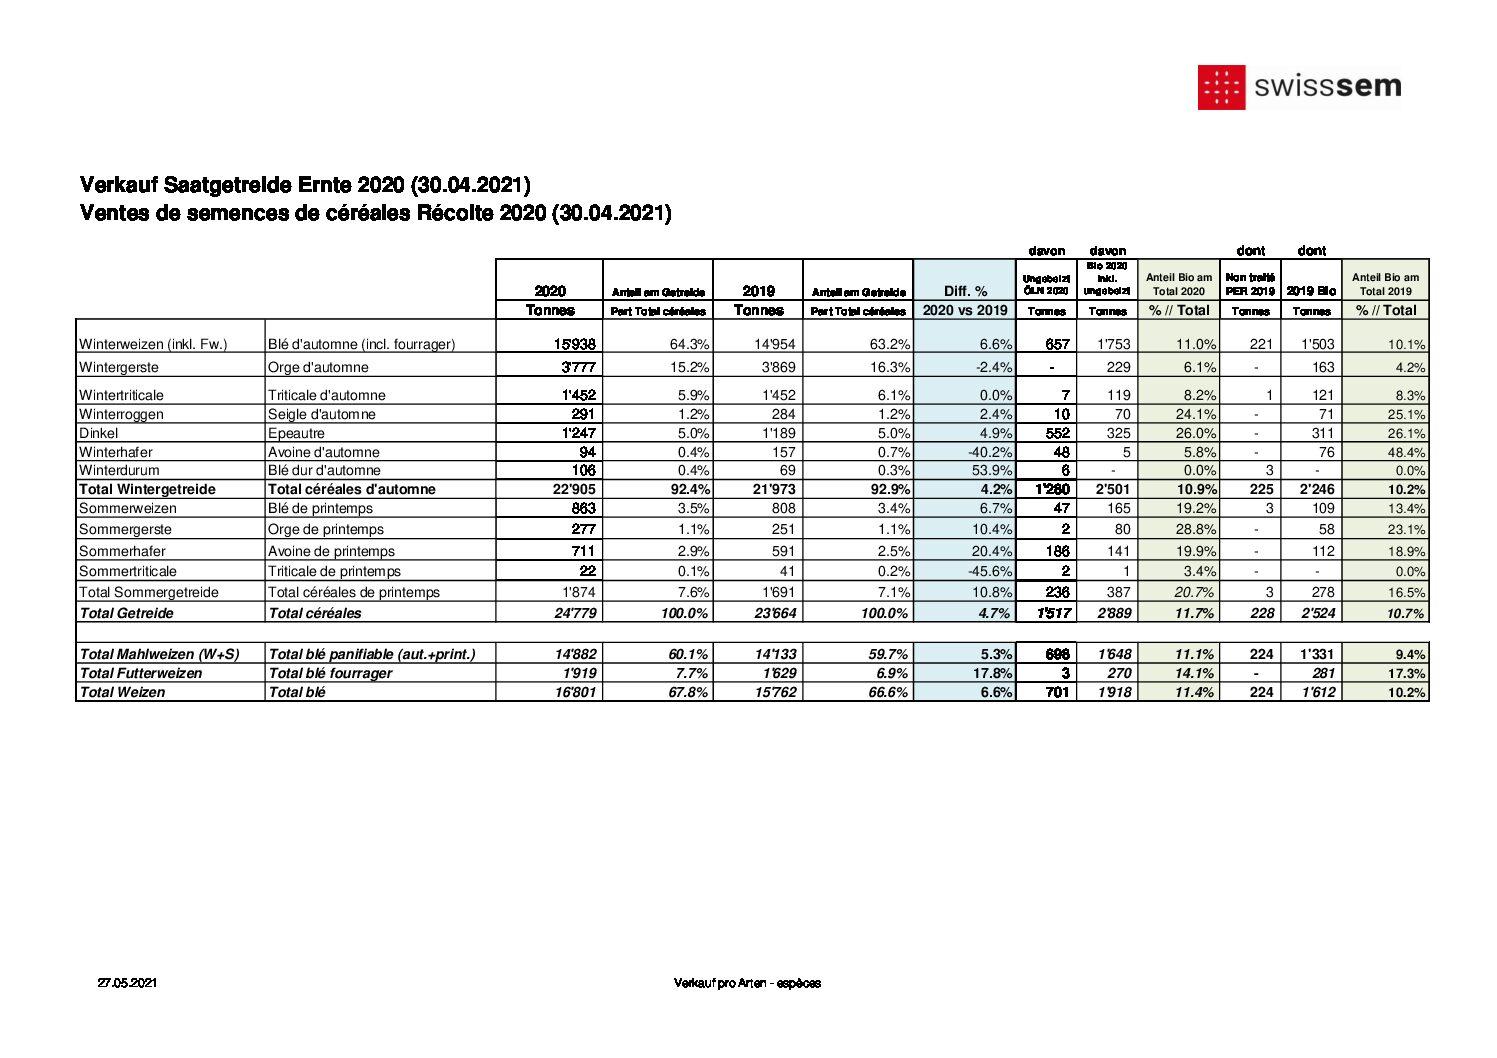 R 210430 ventes CER R2020 (Arten)